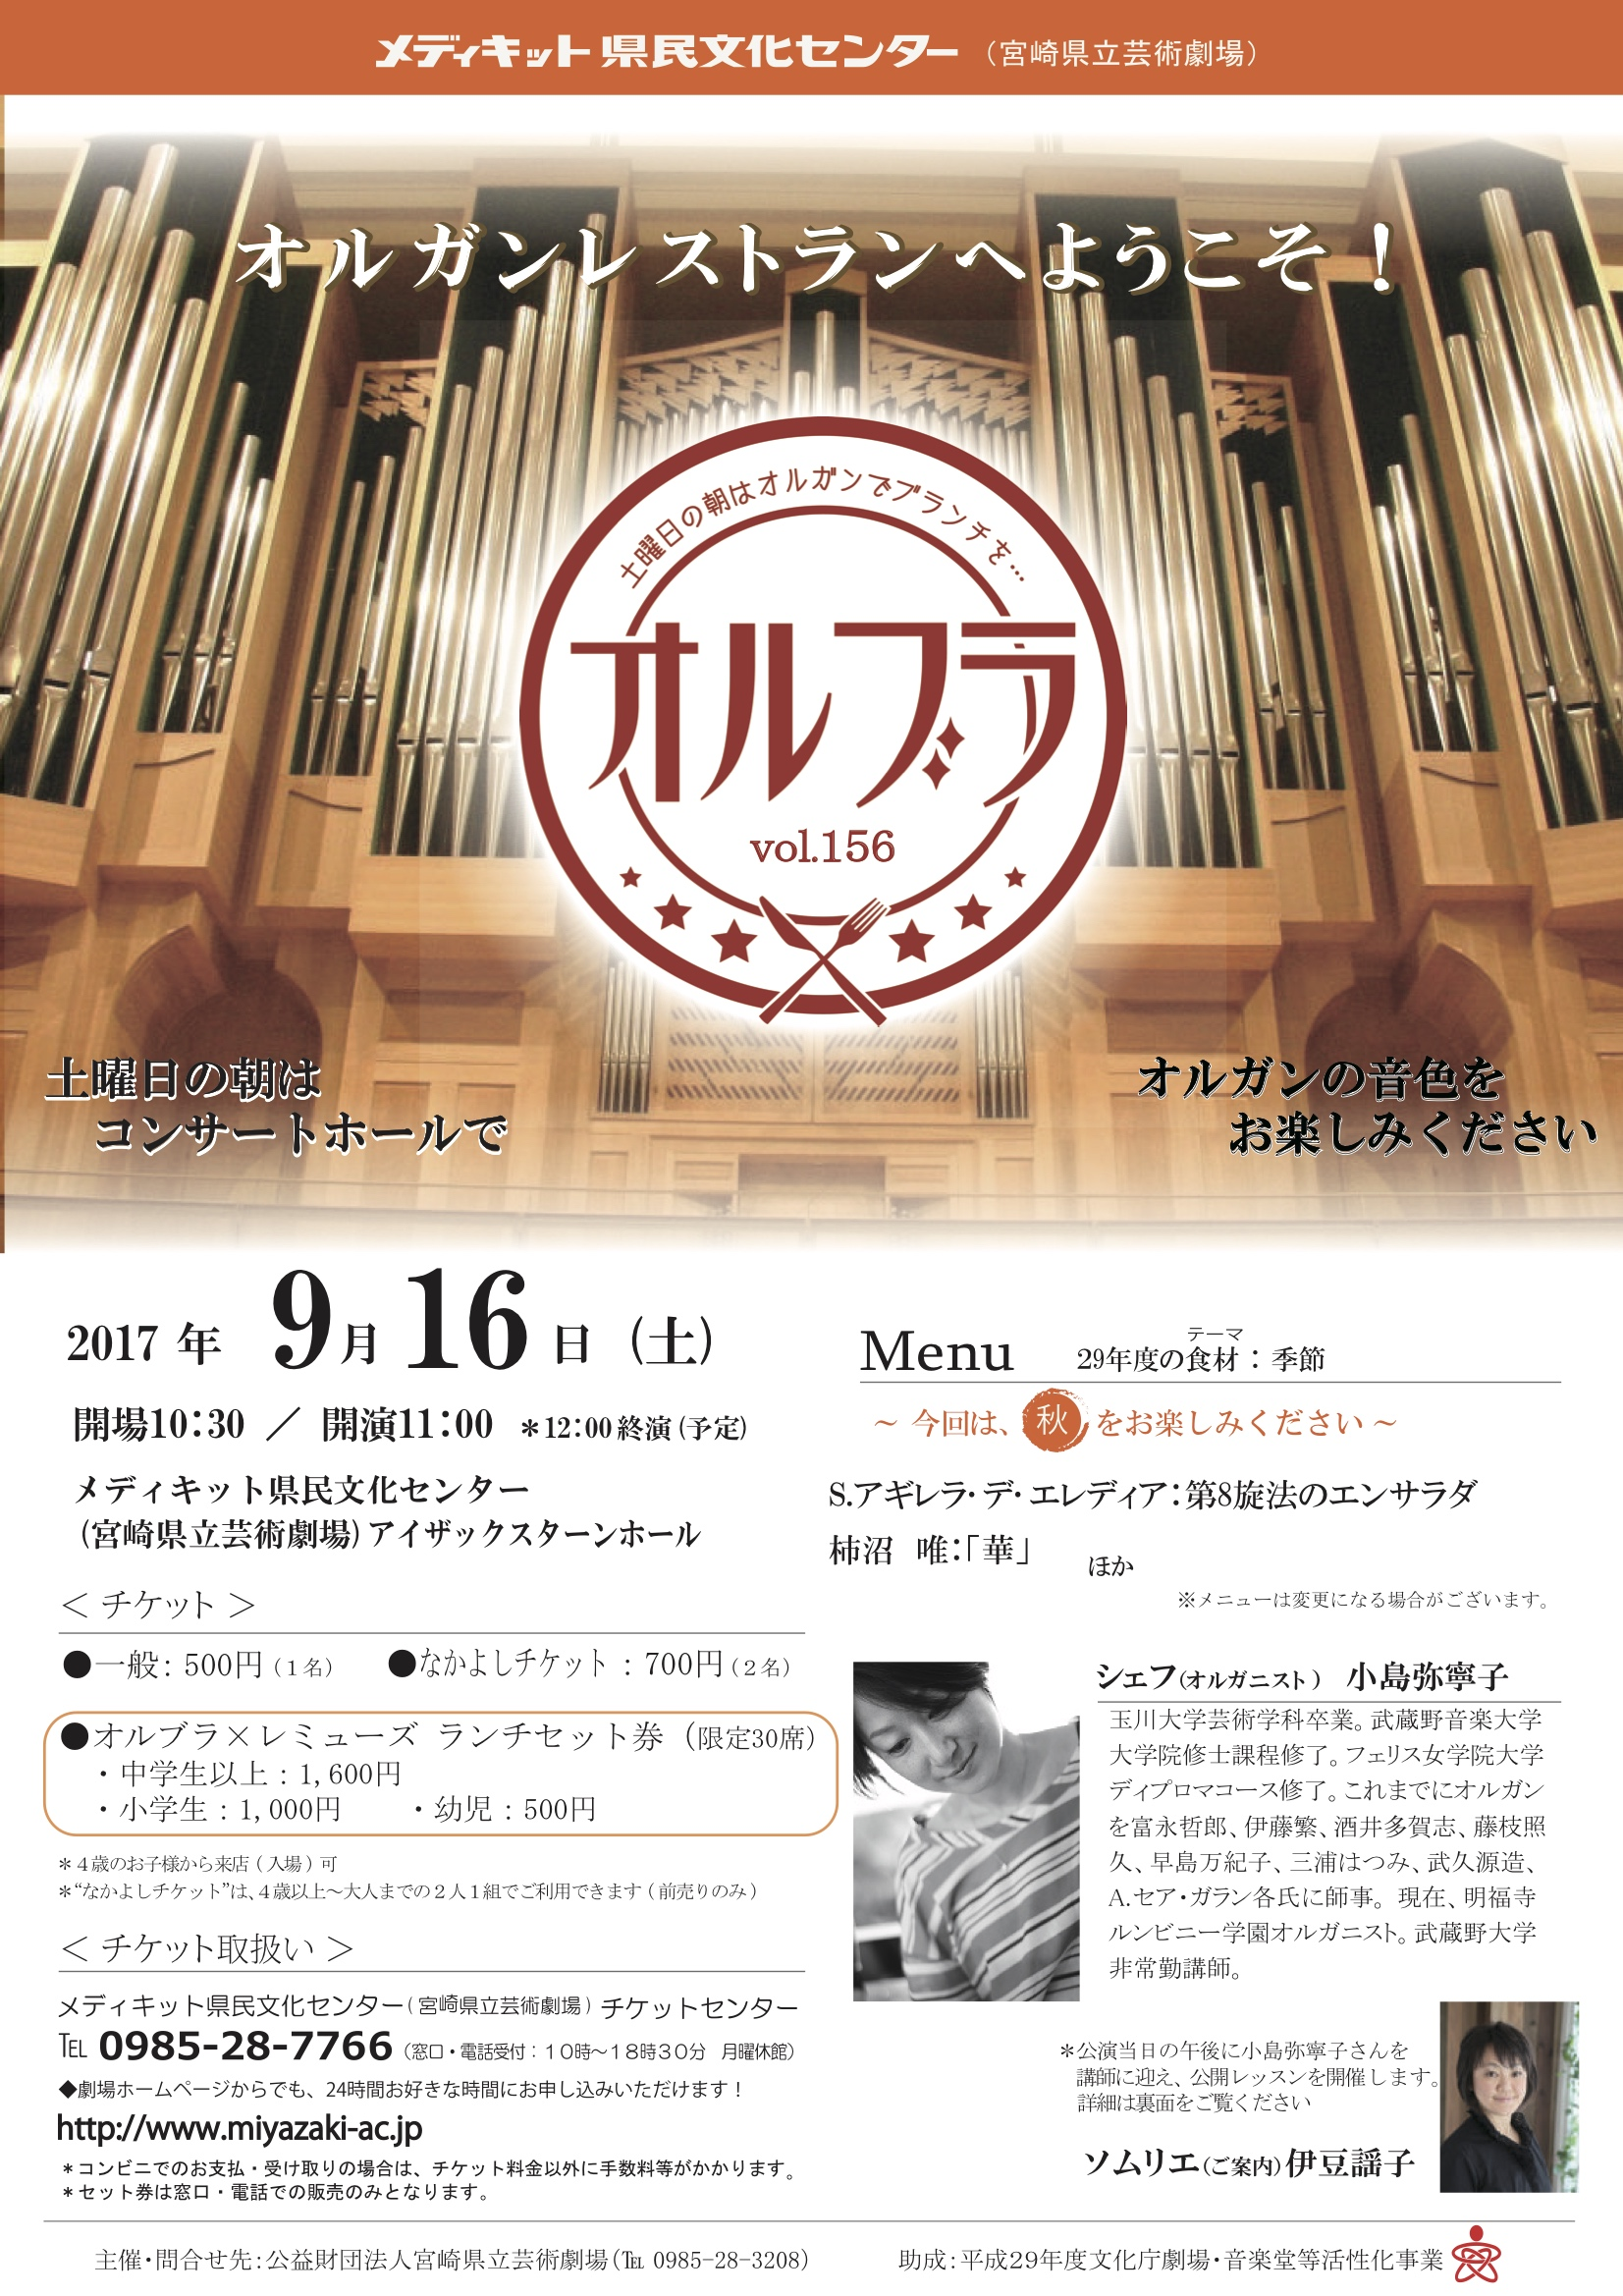 パイプオルガン プロムナード・コンサート Vol.156<土曜日の朝はオルガンでブランチを…「オルブラ」/テーマ:季節「秋」>